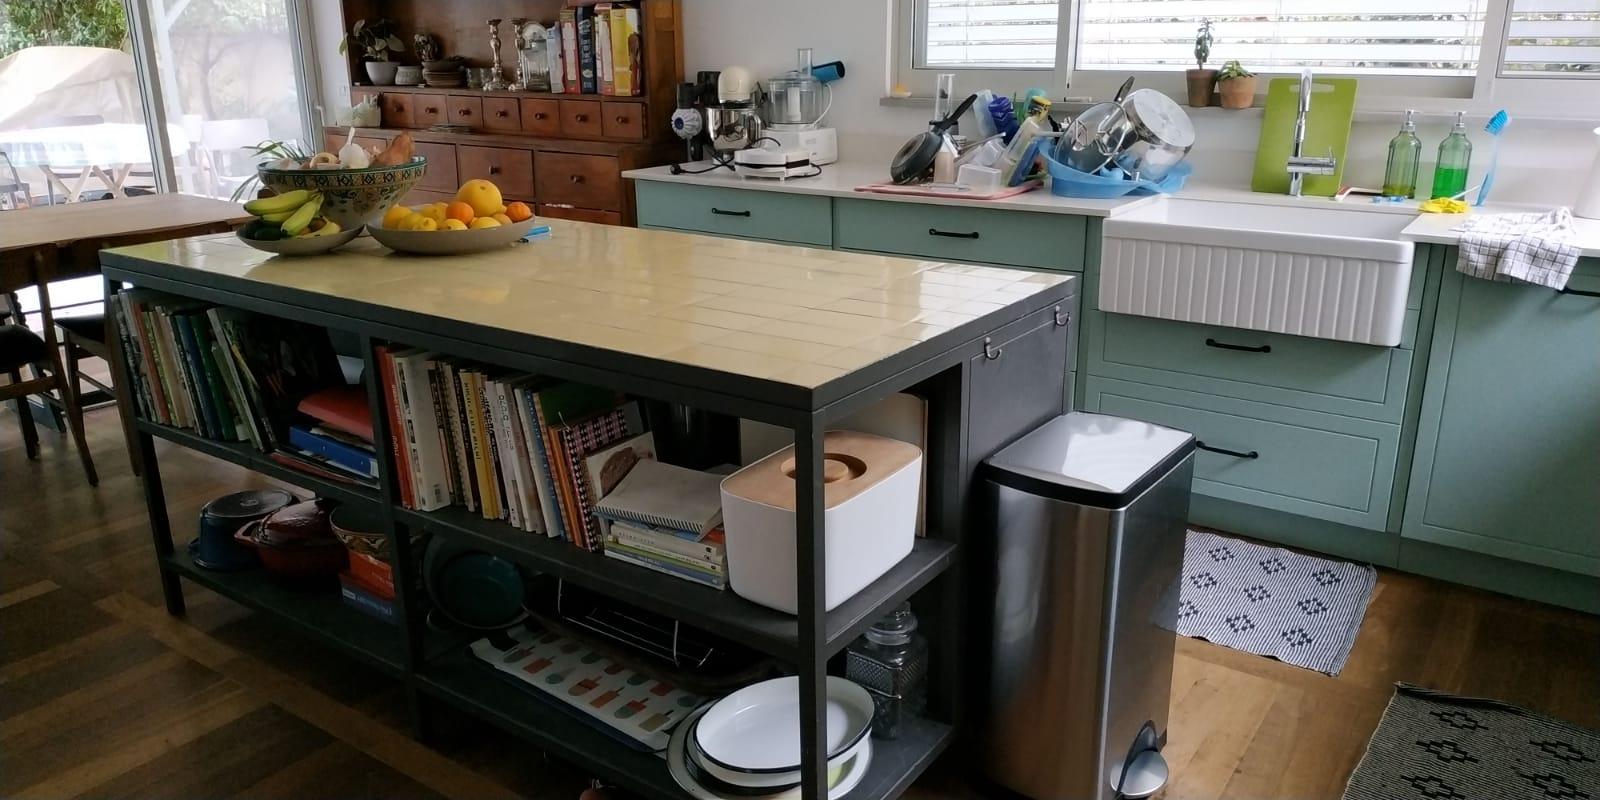 משטח באי עבודה במטבח מחופה אריחים